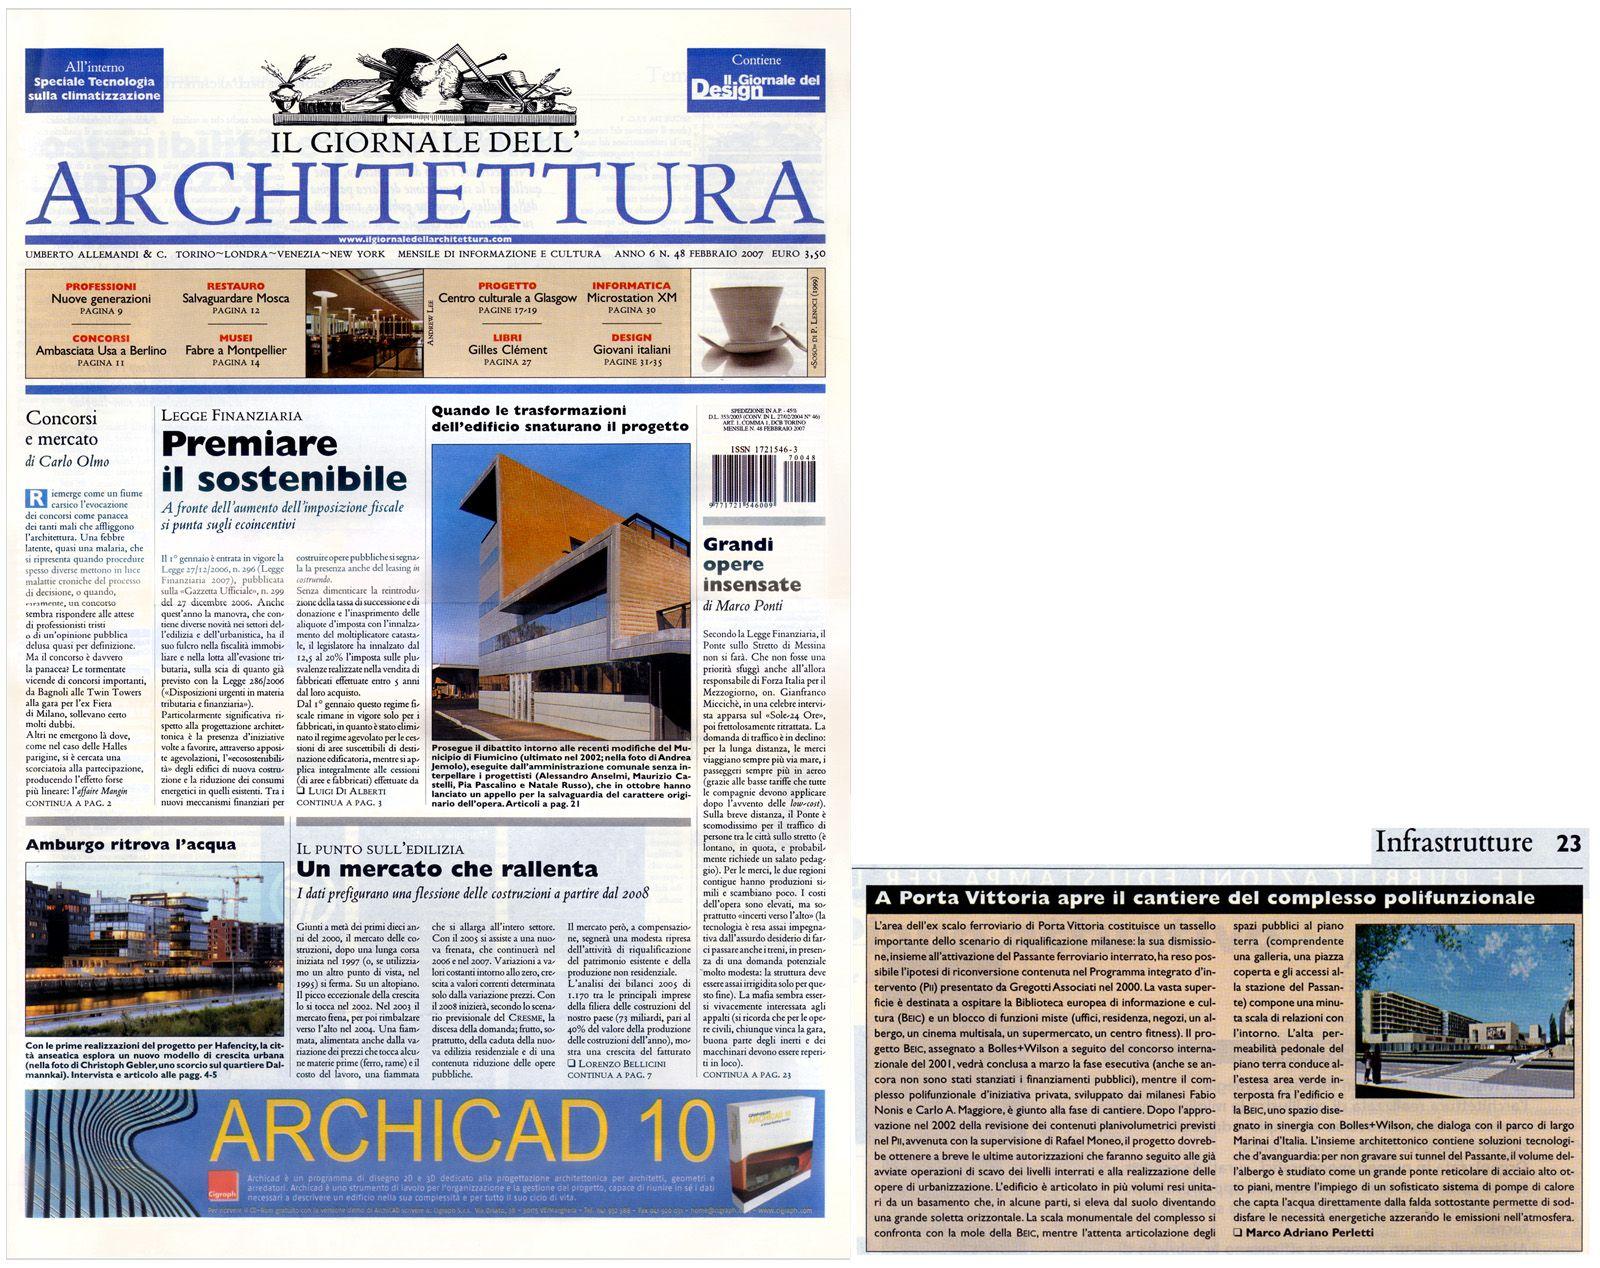 Il Giornale dell'architettura, n°48, 2008